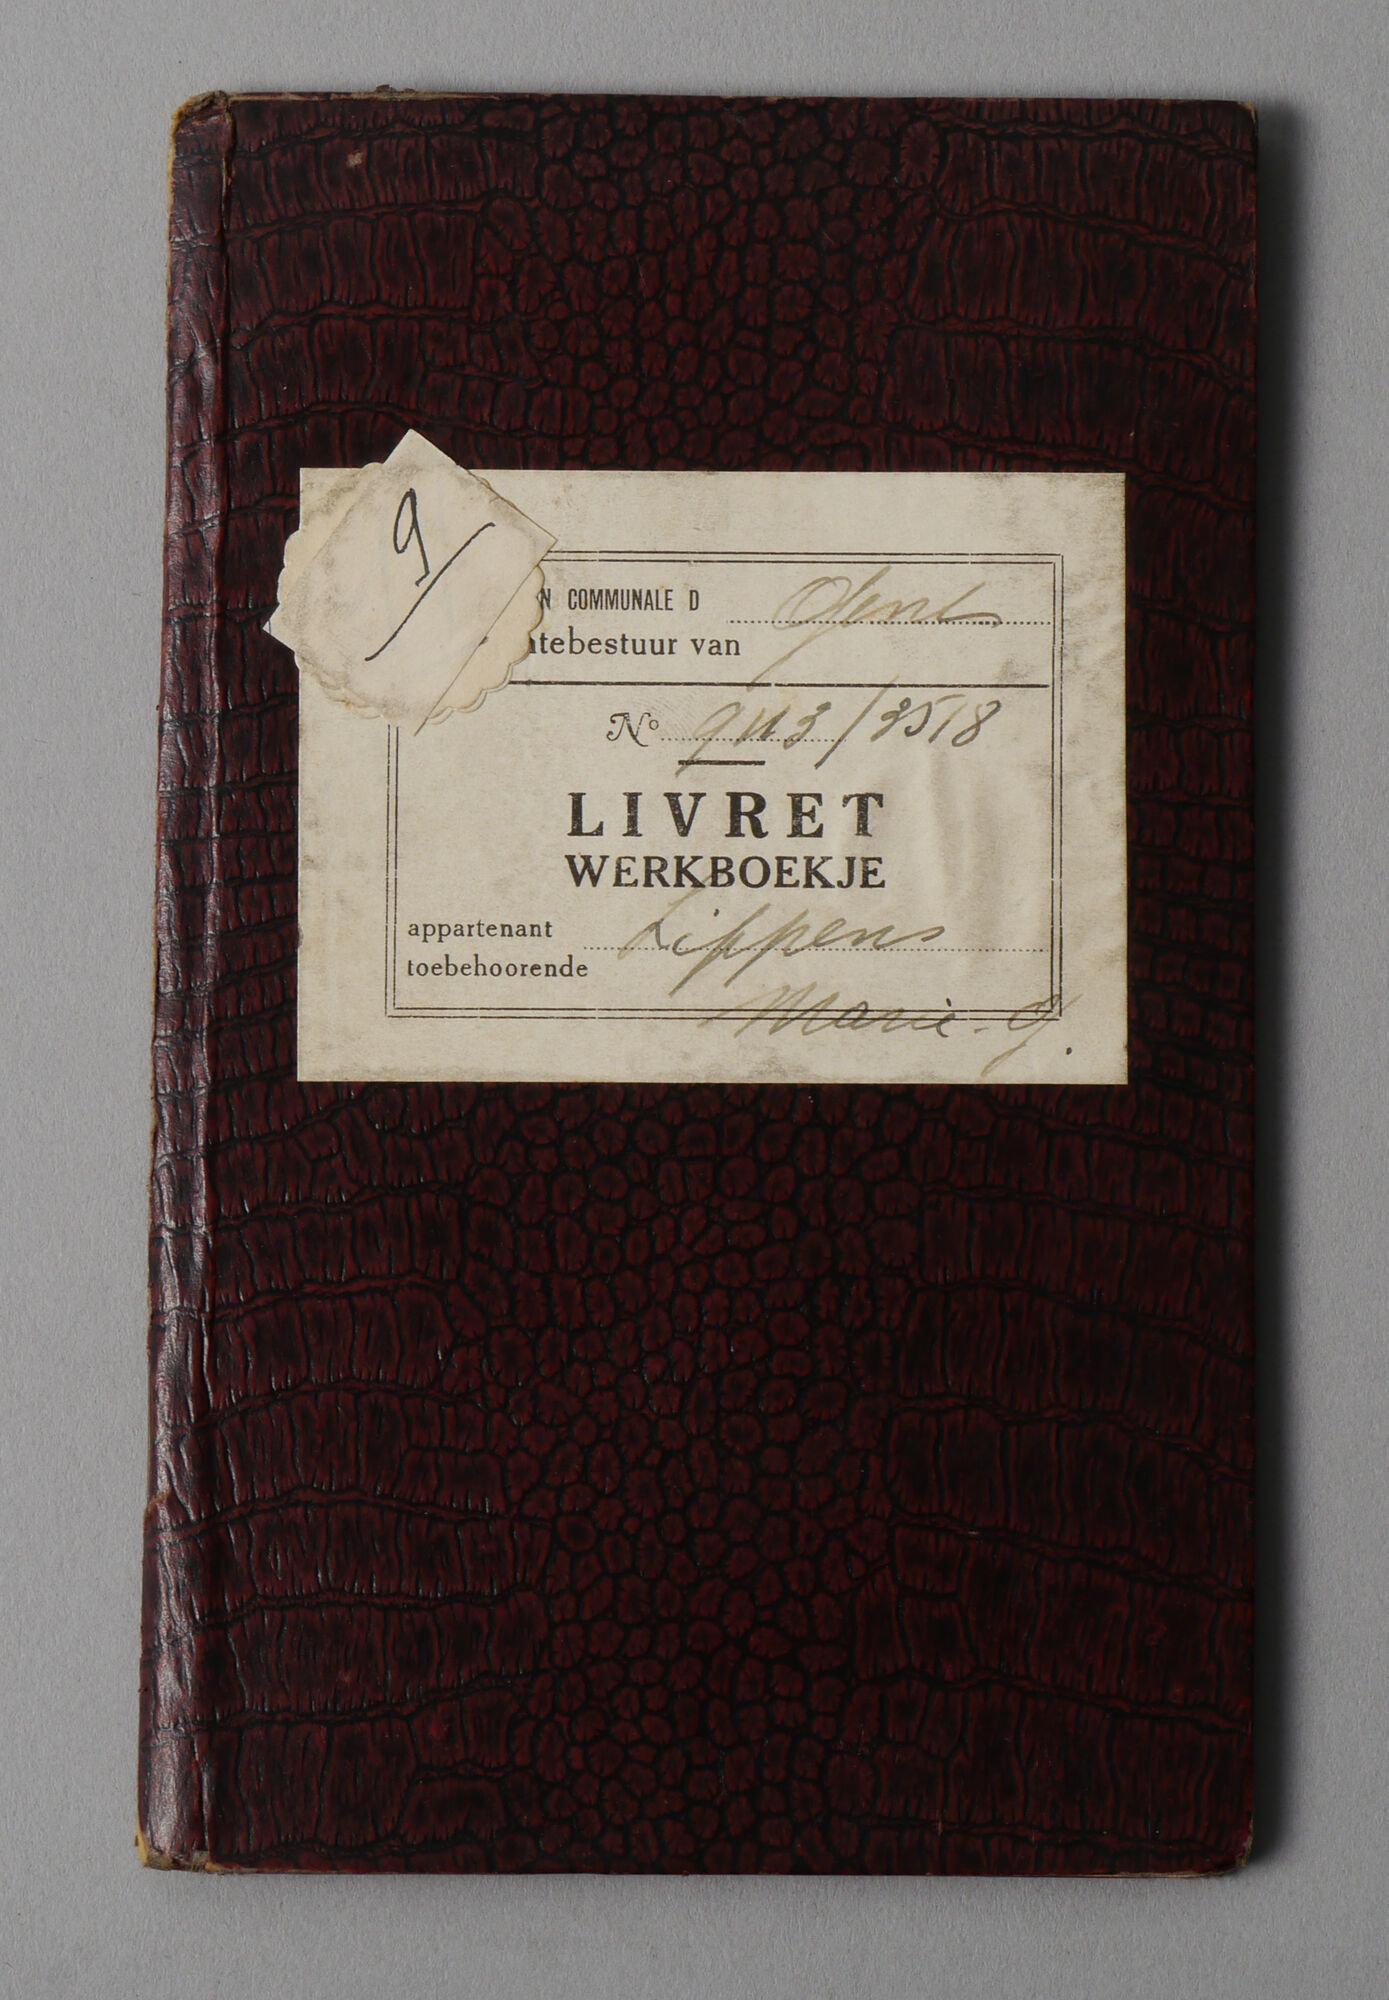 Werkboekje van Maria Georgette Lippens